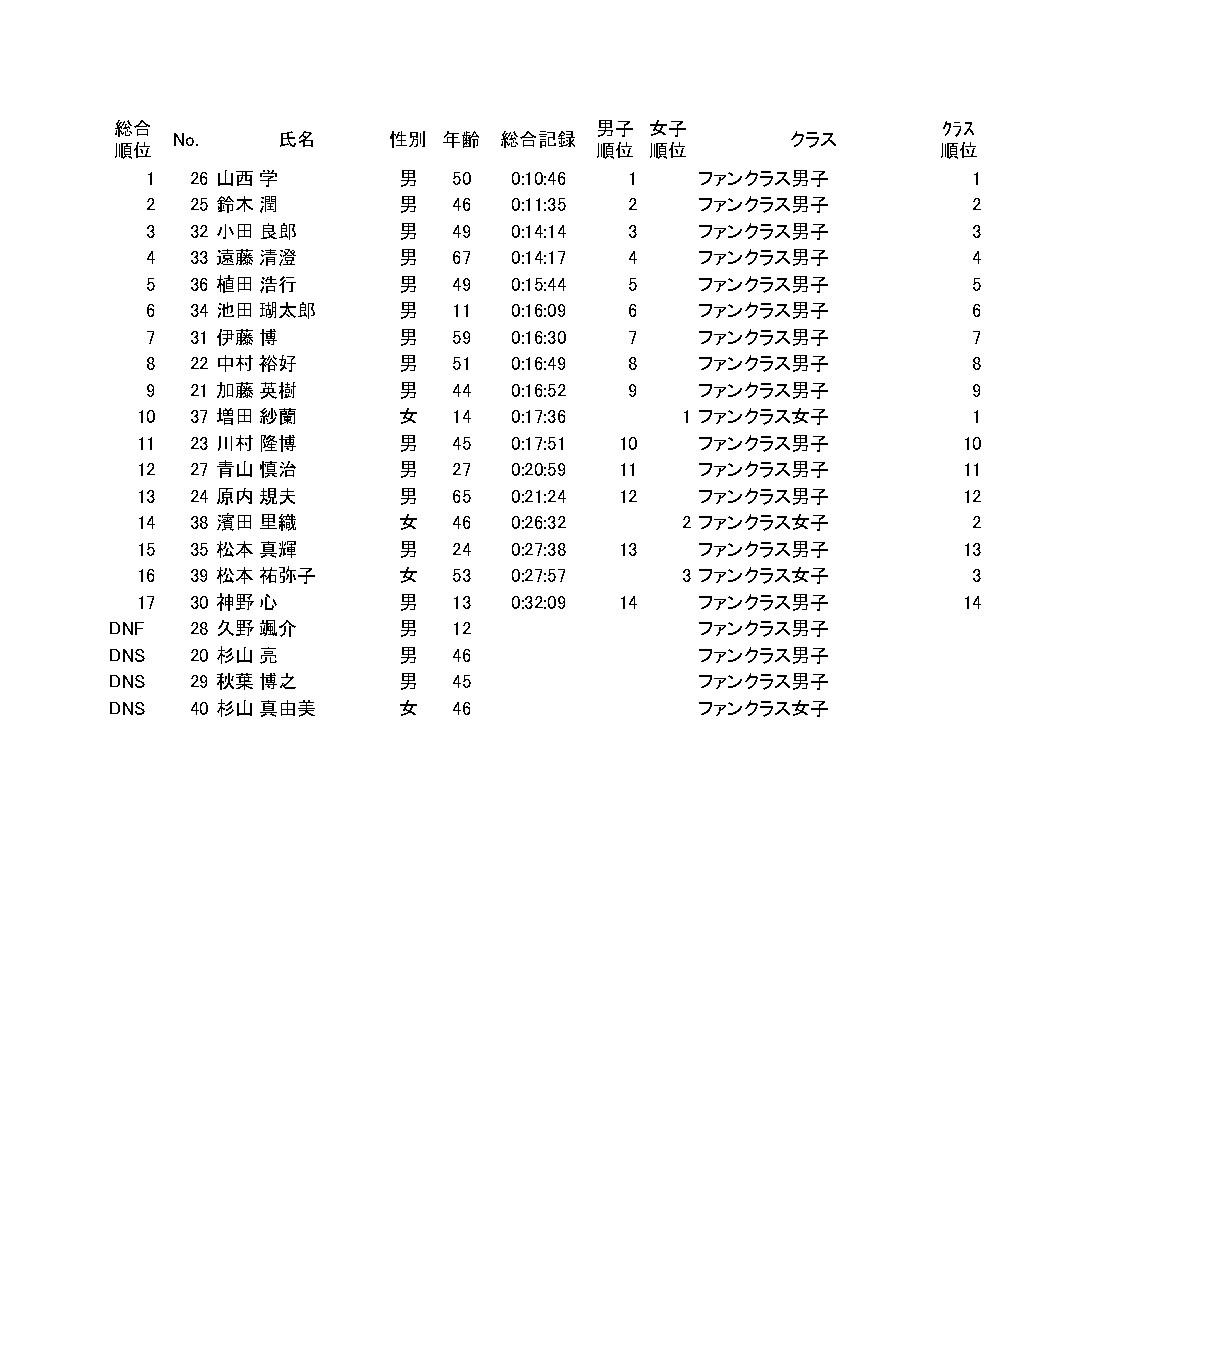 スマイルSUPマラソン2019_ファンクラス総合_page-0001